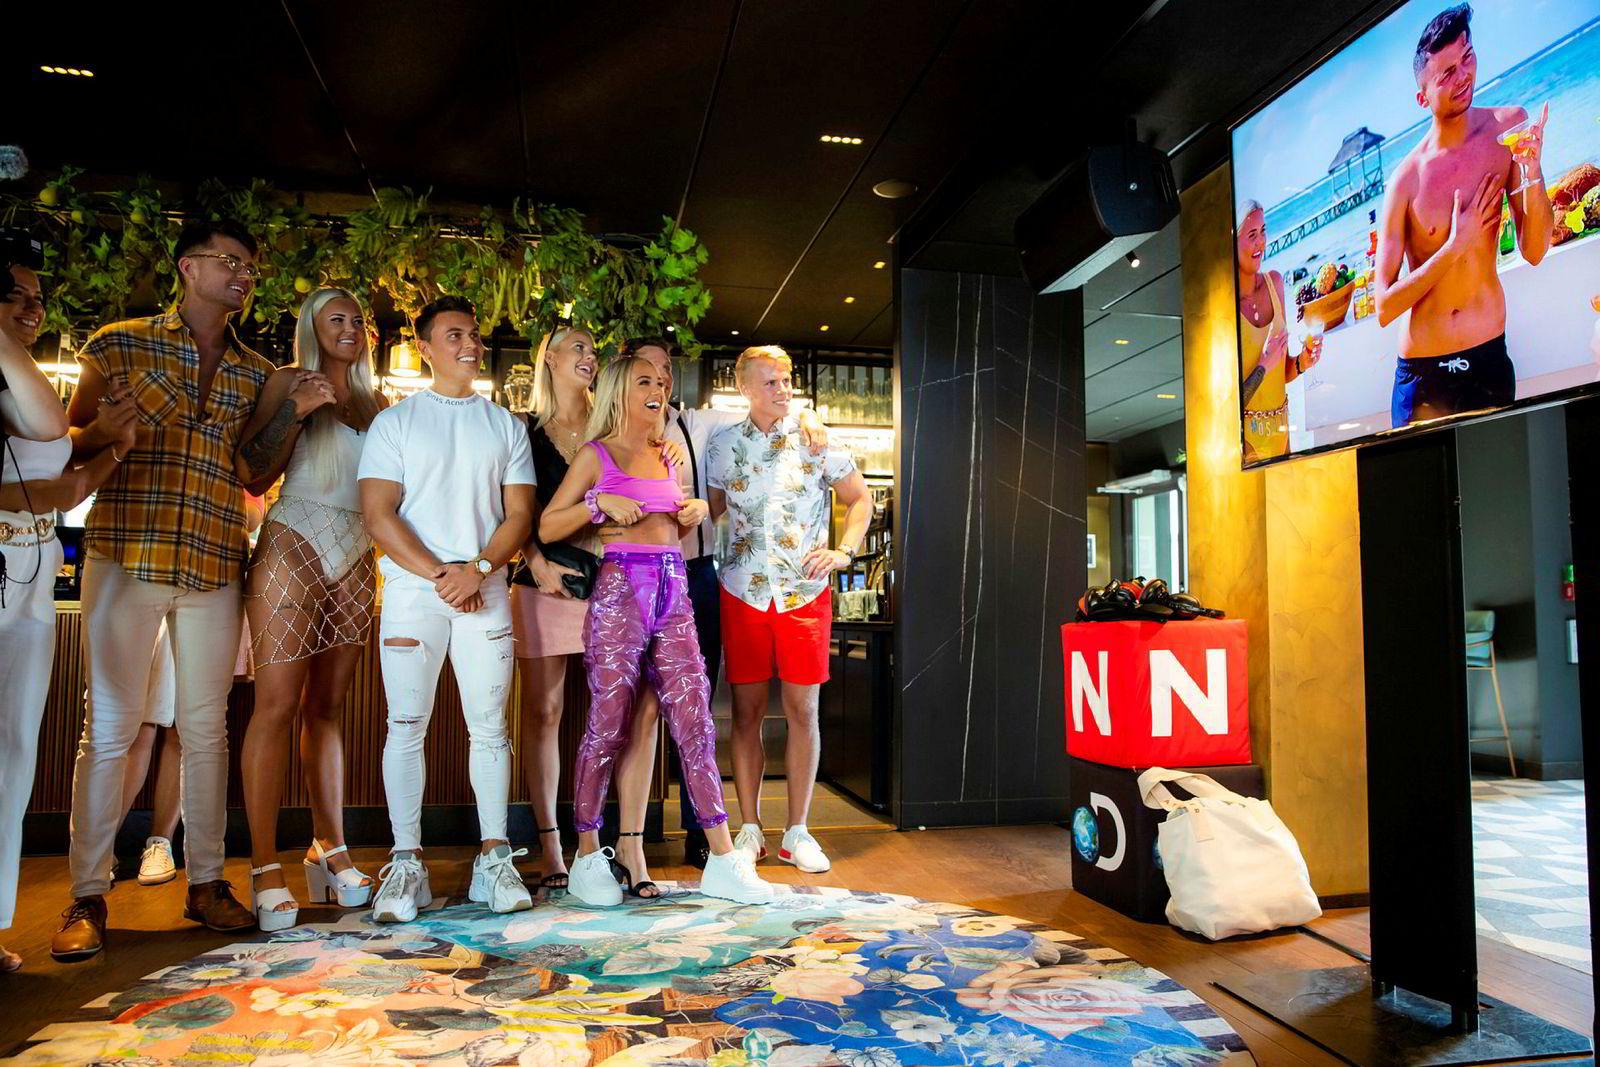 Discovery eier tv-kanalen TVNorge som i fjor blant annet viste realityserien «Ex on the Beach».